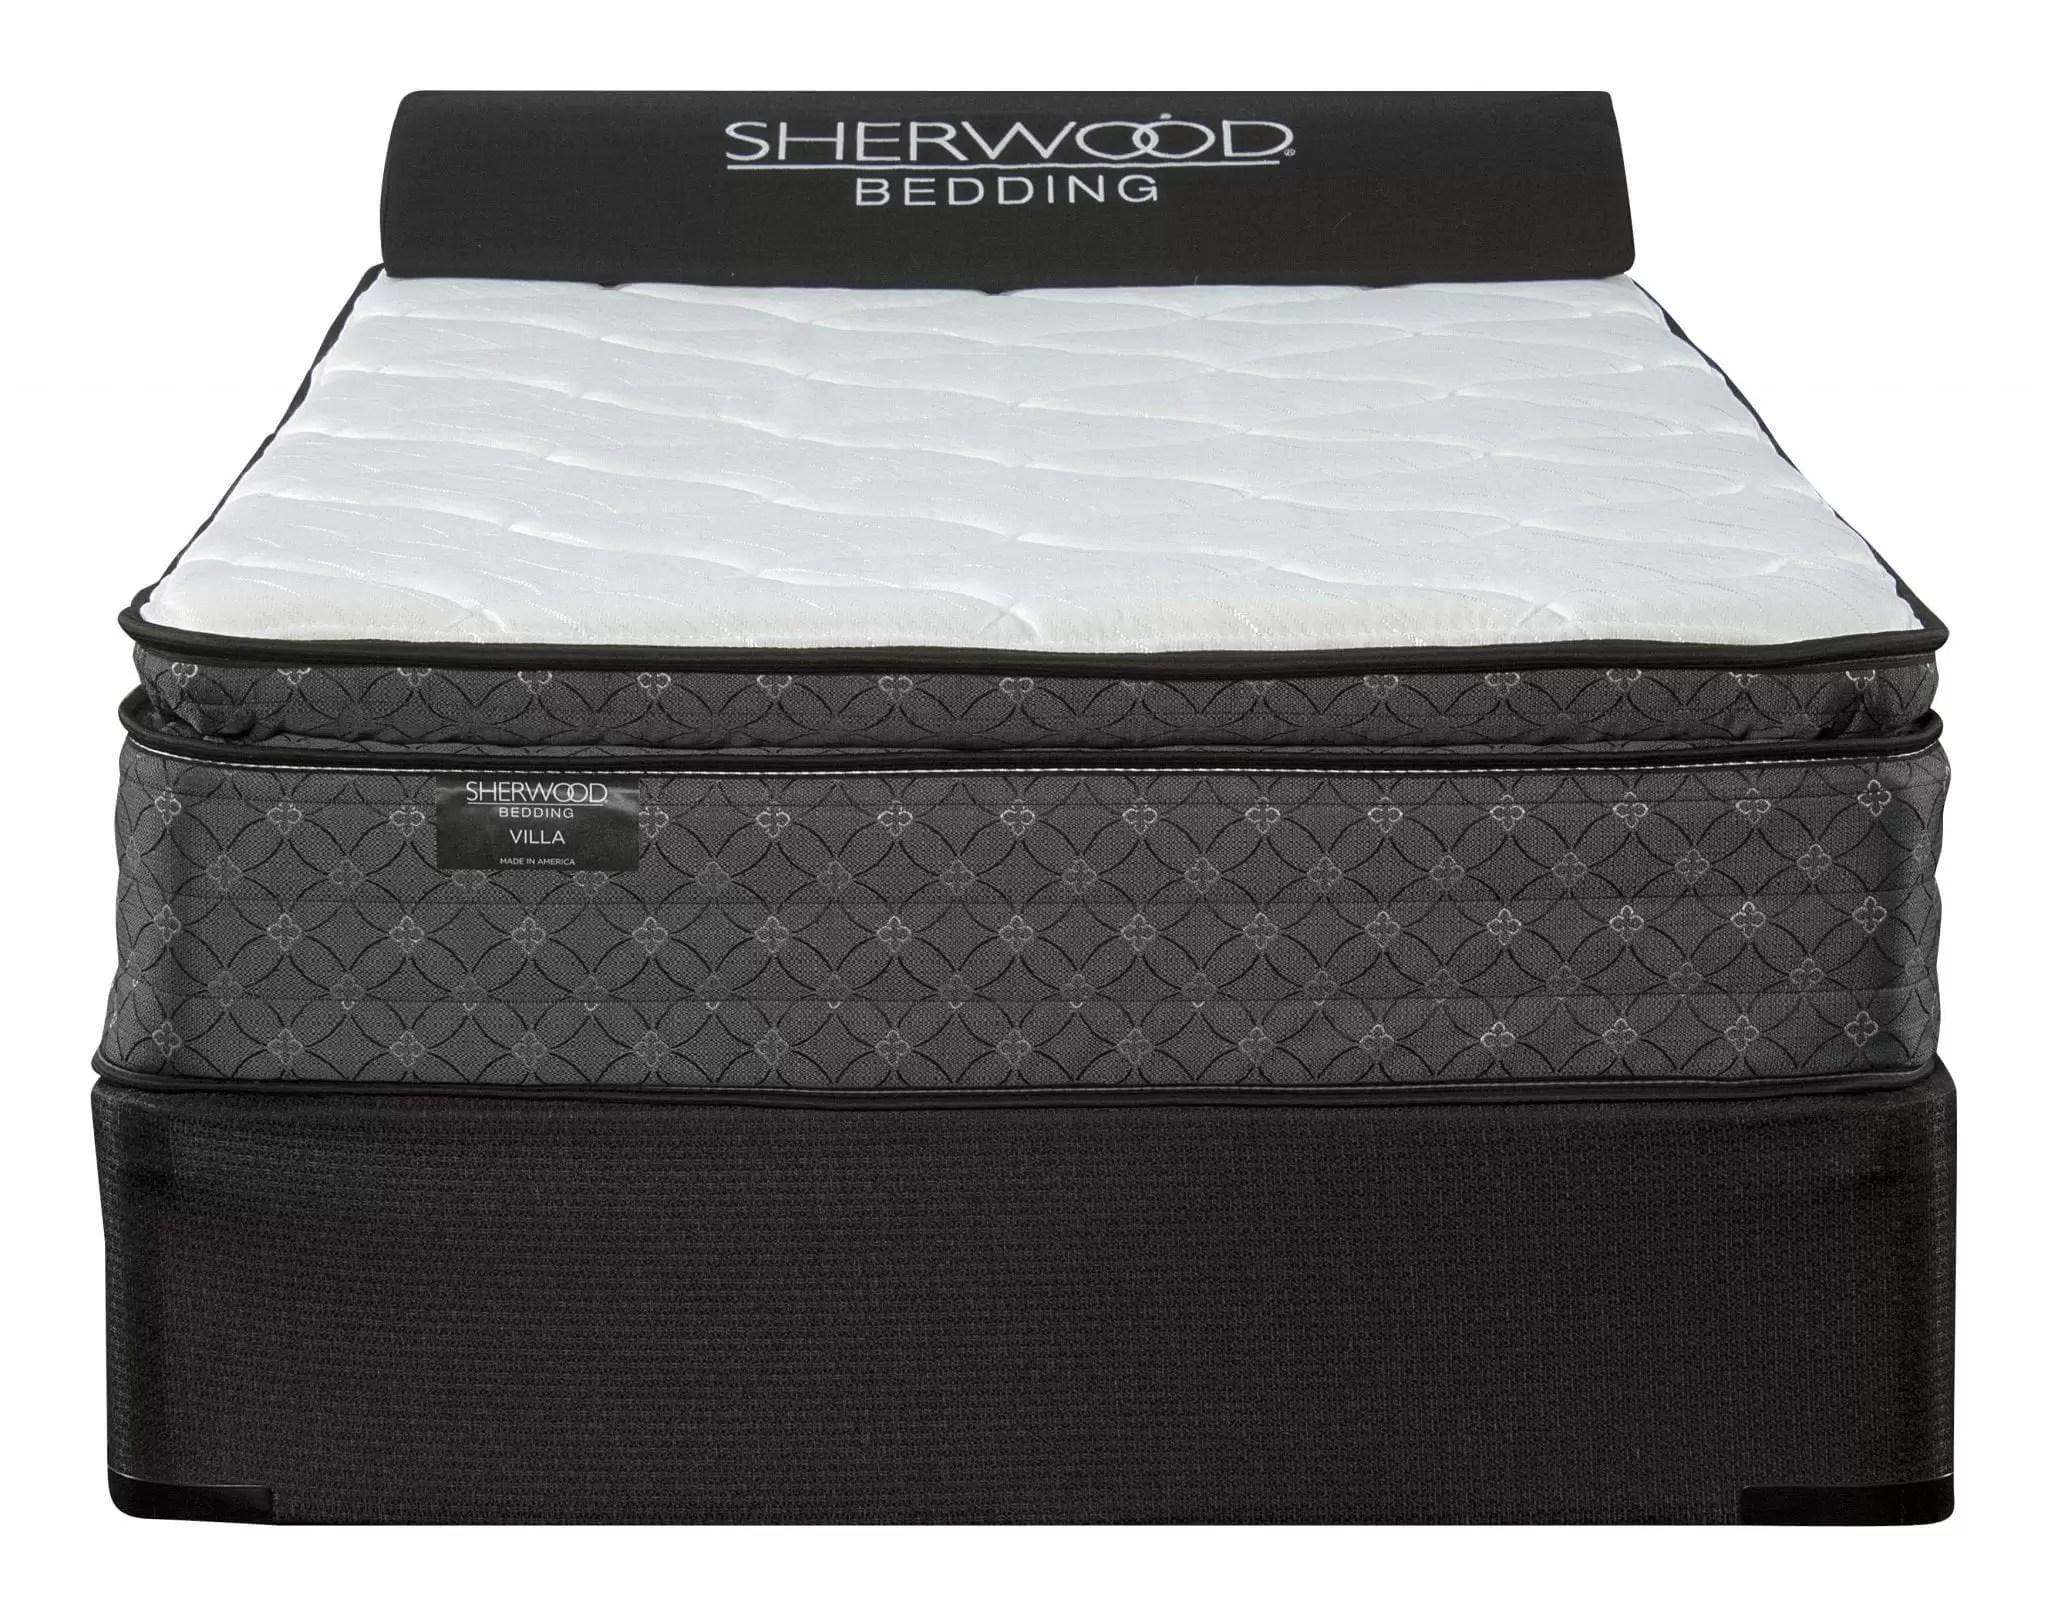 sherwood villa pillow top mattress